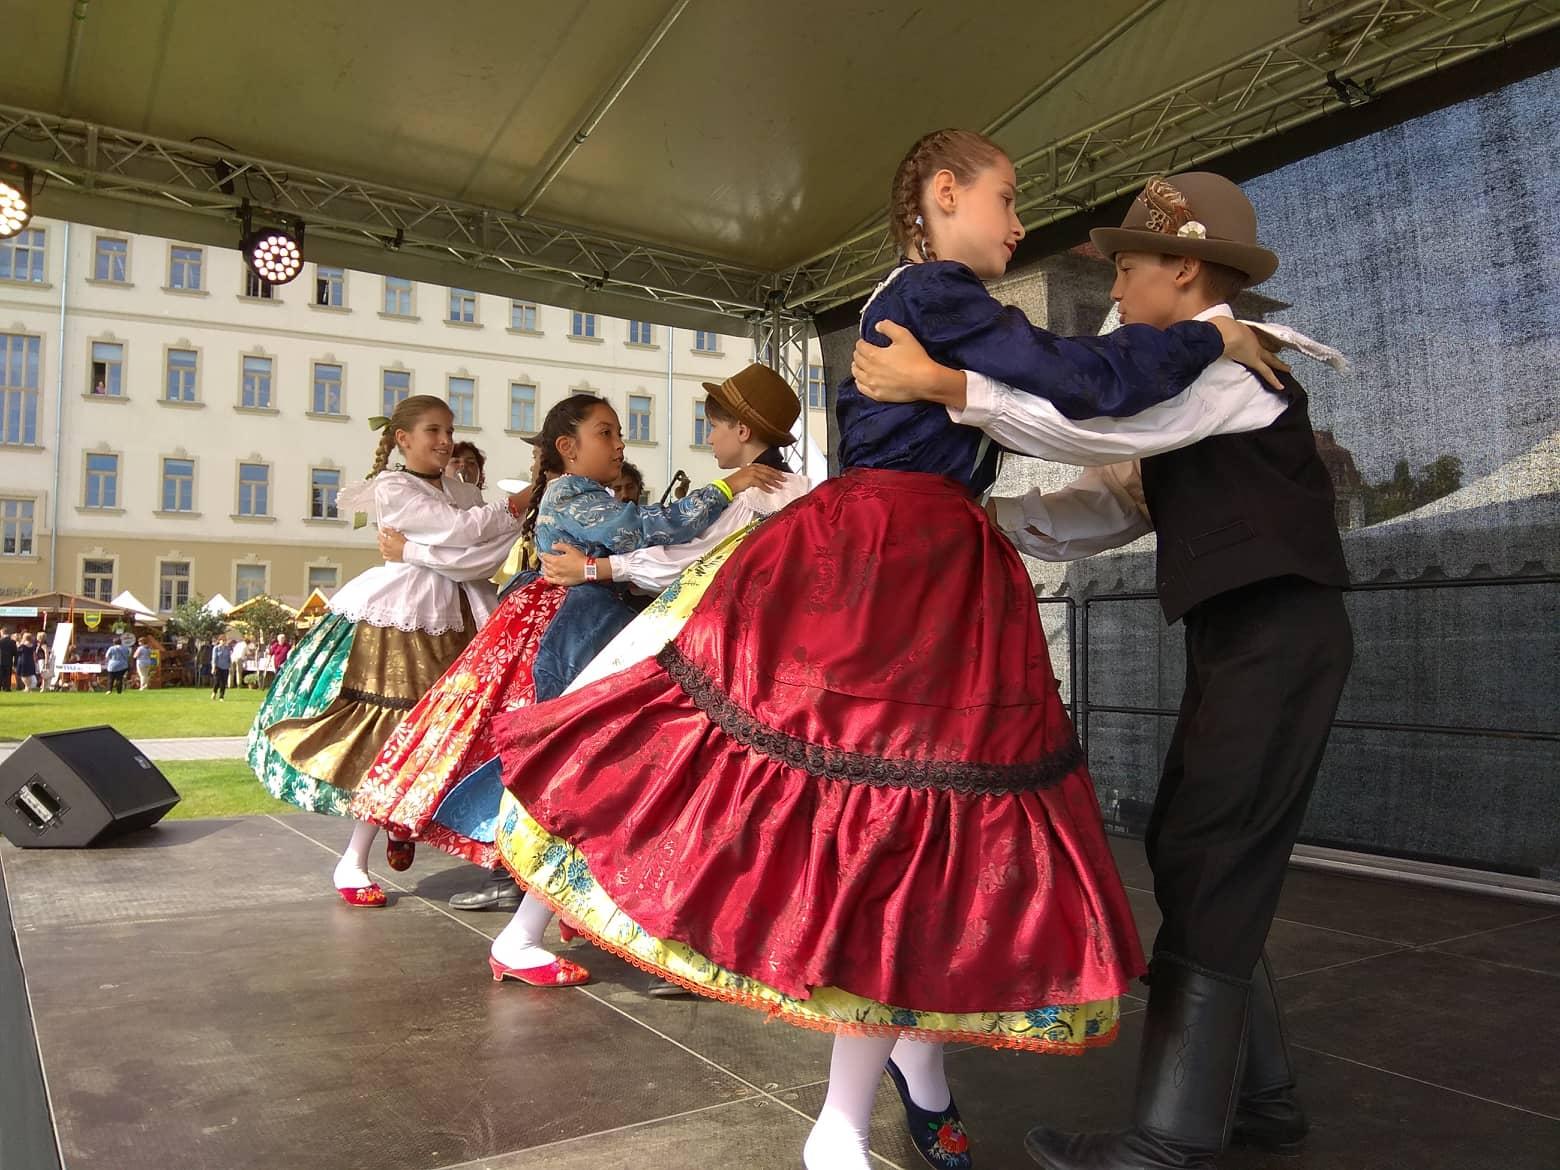 Néptáncbemutatók és hungarikum játszóház a Millenárison